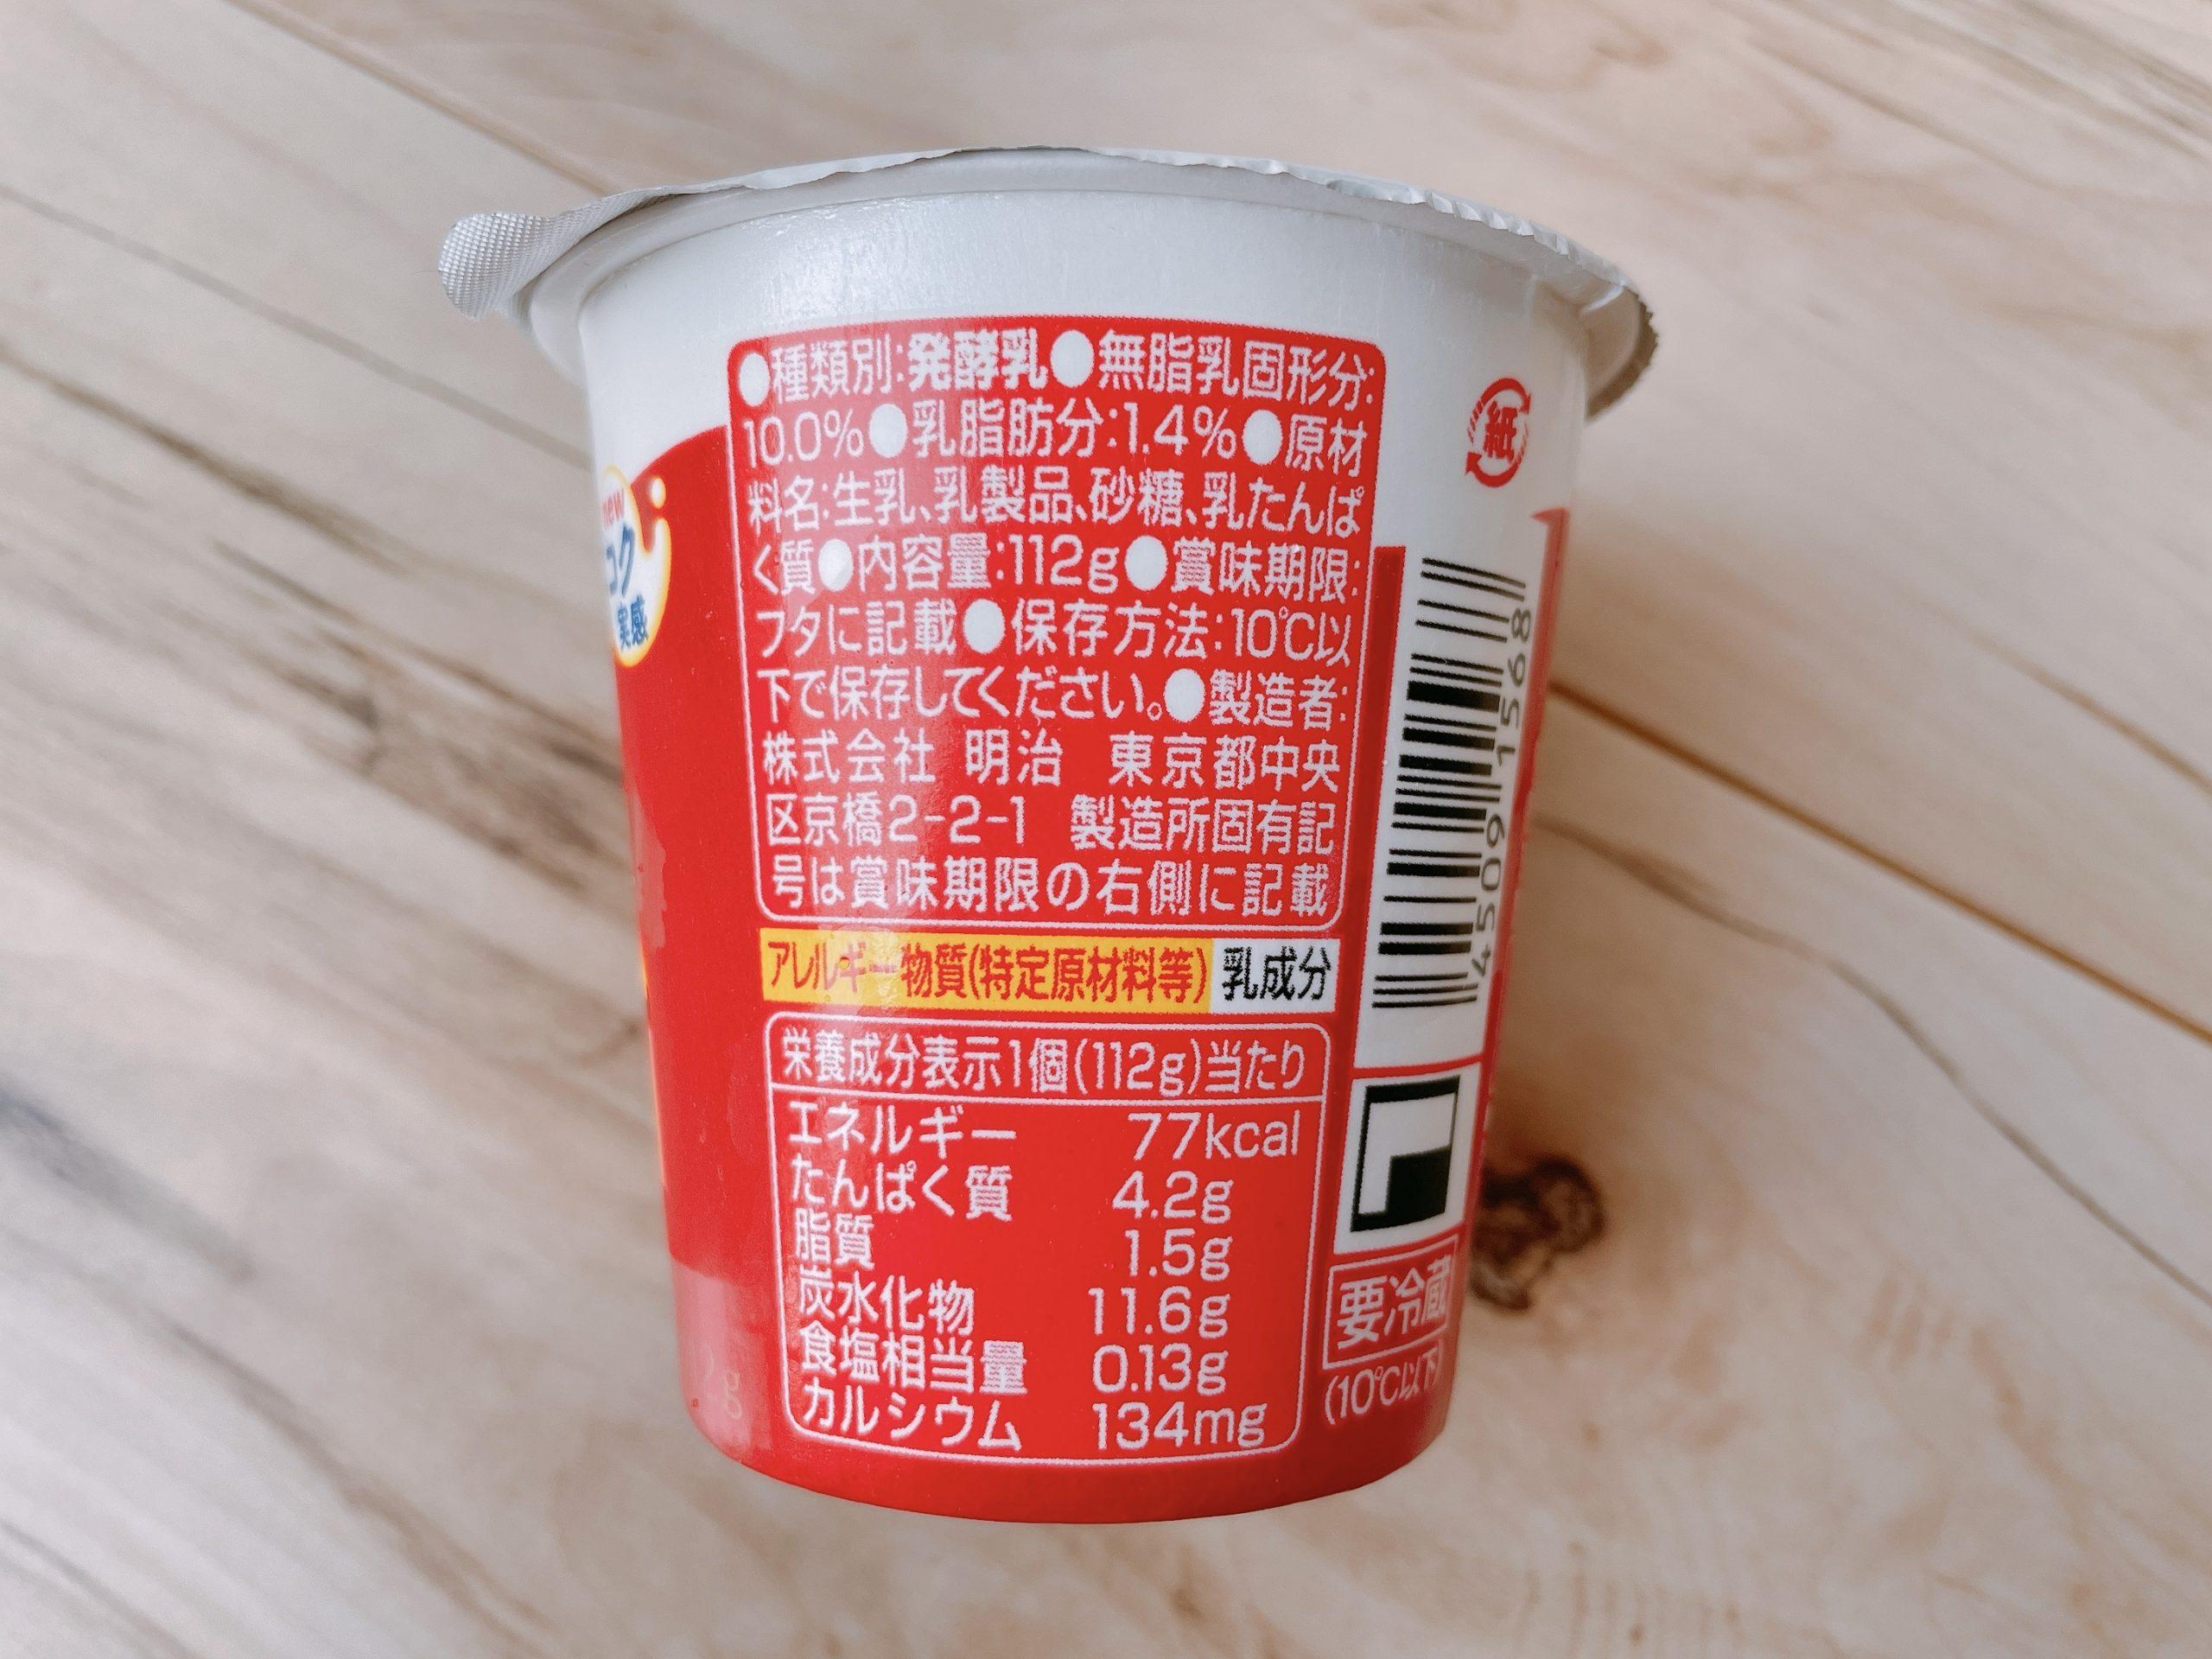 R-1低脂肪の原材料やカロリーなど